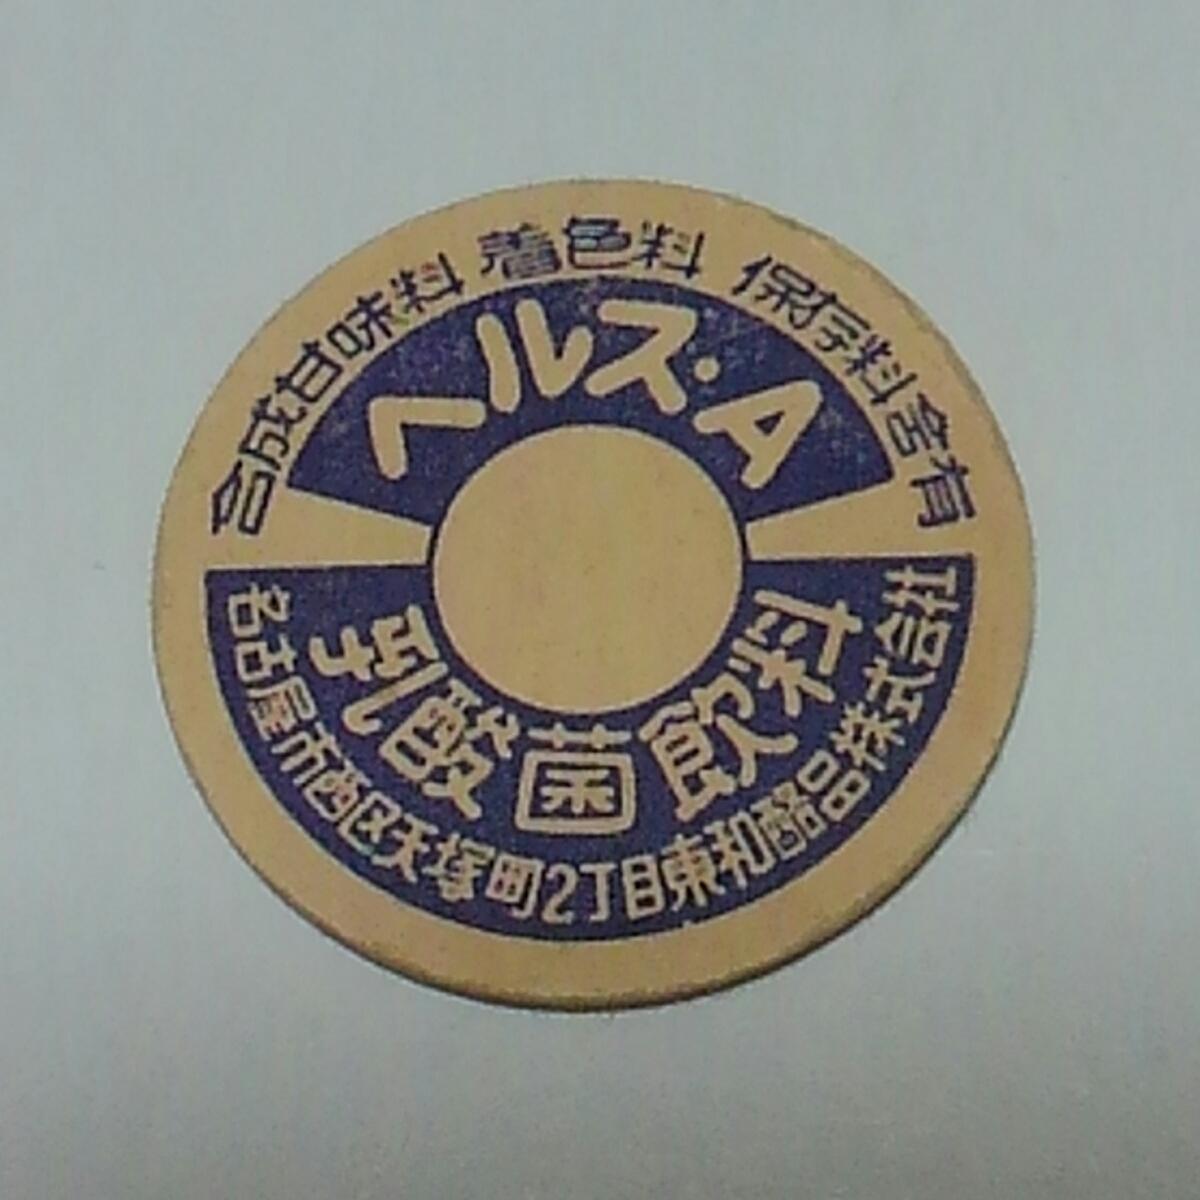 【牛乳キャップ】【レア】(キャップ小) 40年以上前 ヘルス・A 未使用 愛知県/東和酪品株式会社